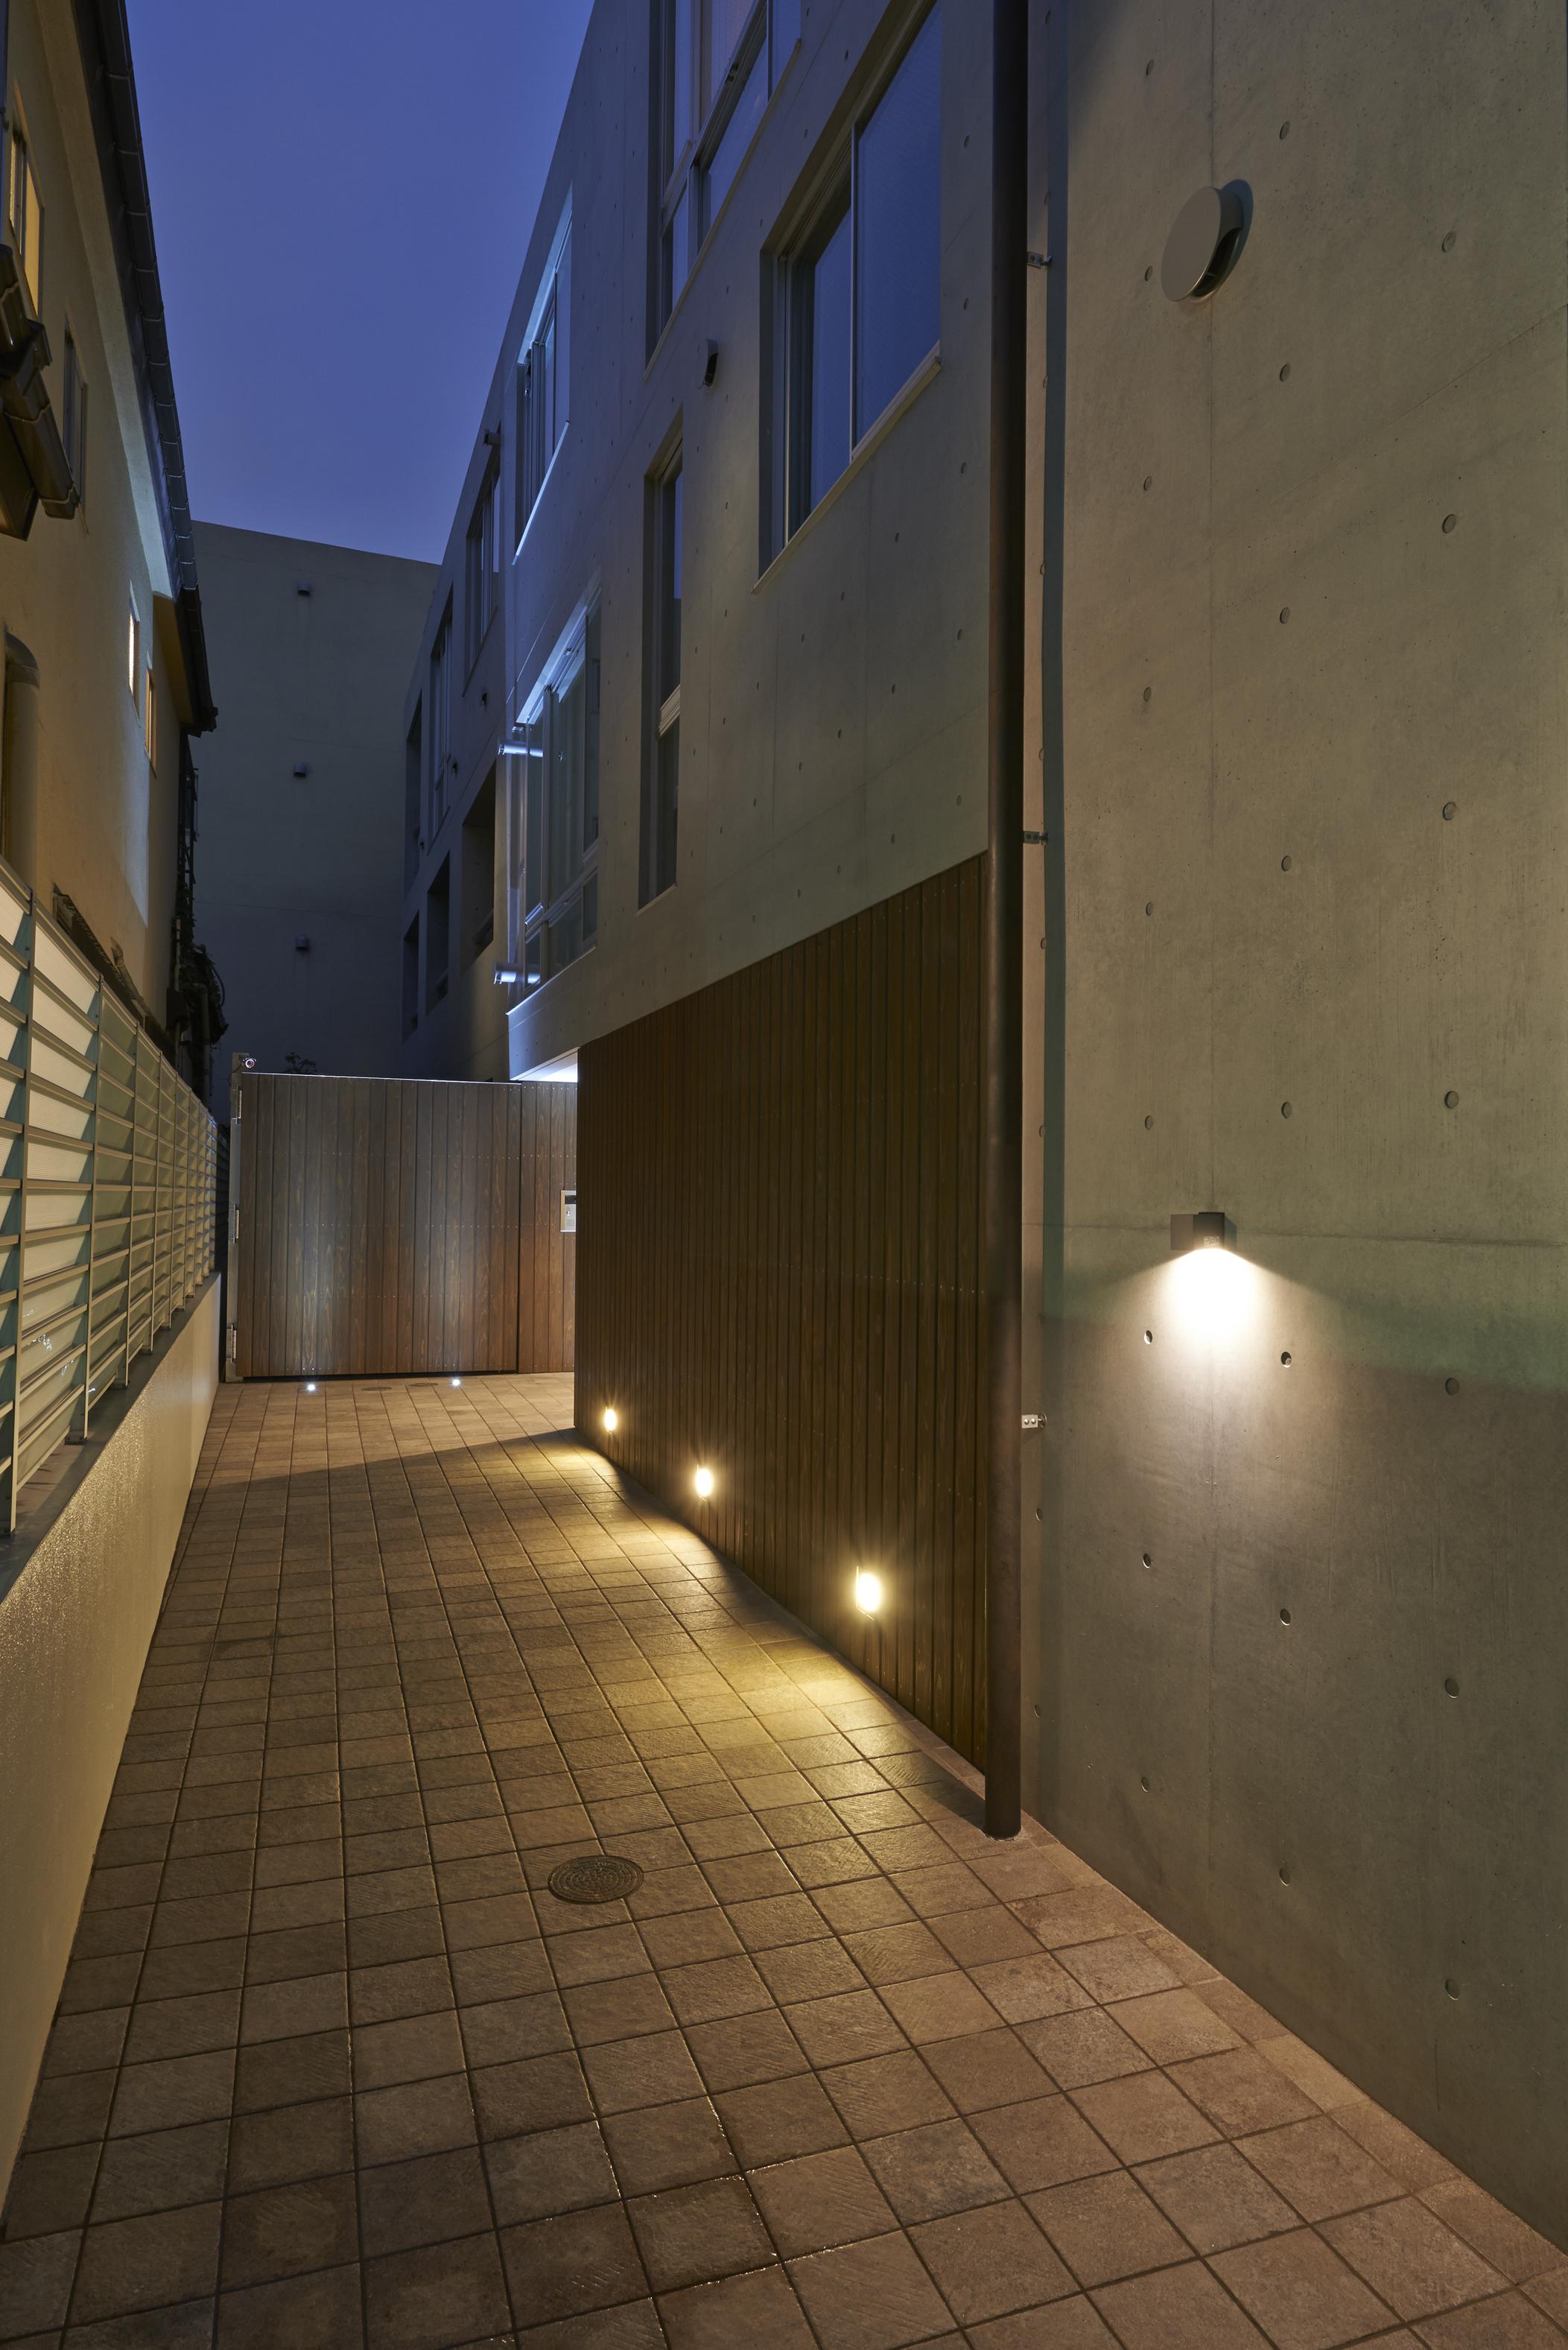 小林 真人建築アトリエ「Desiners Eco」設計。ワンランク上の暮らしを提供するデザイナーズ。